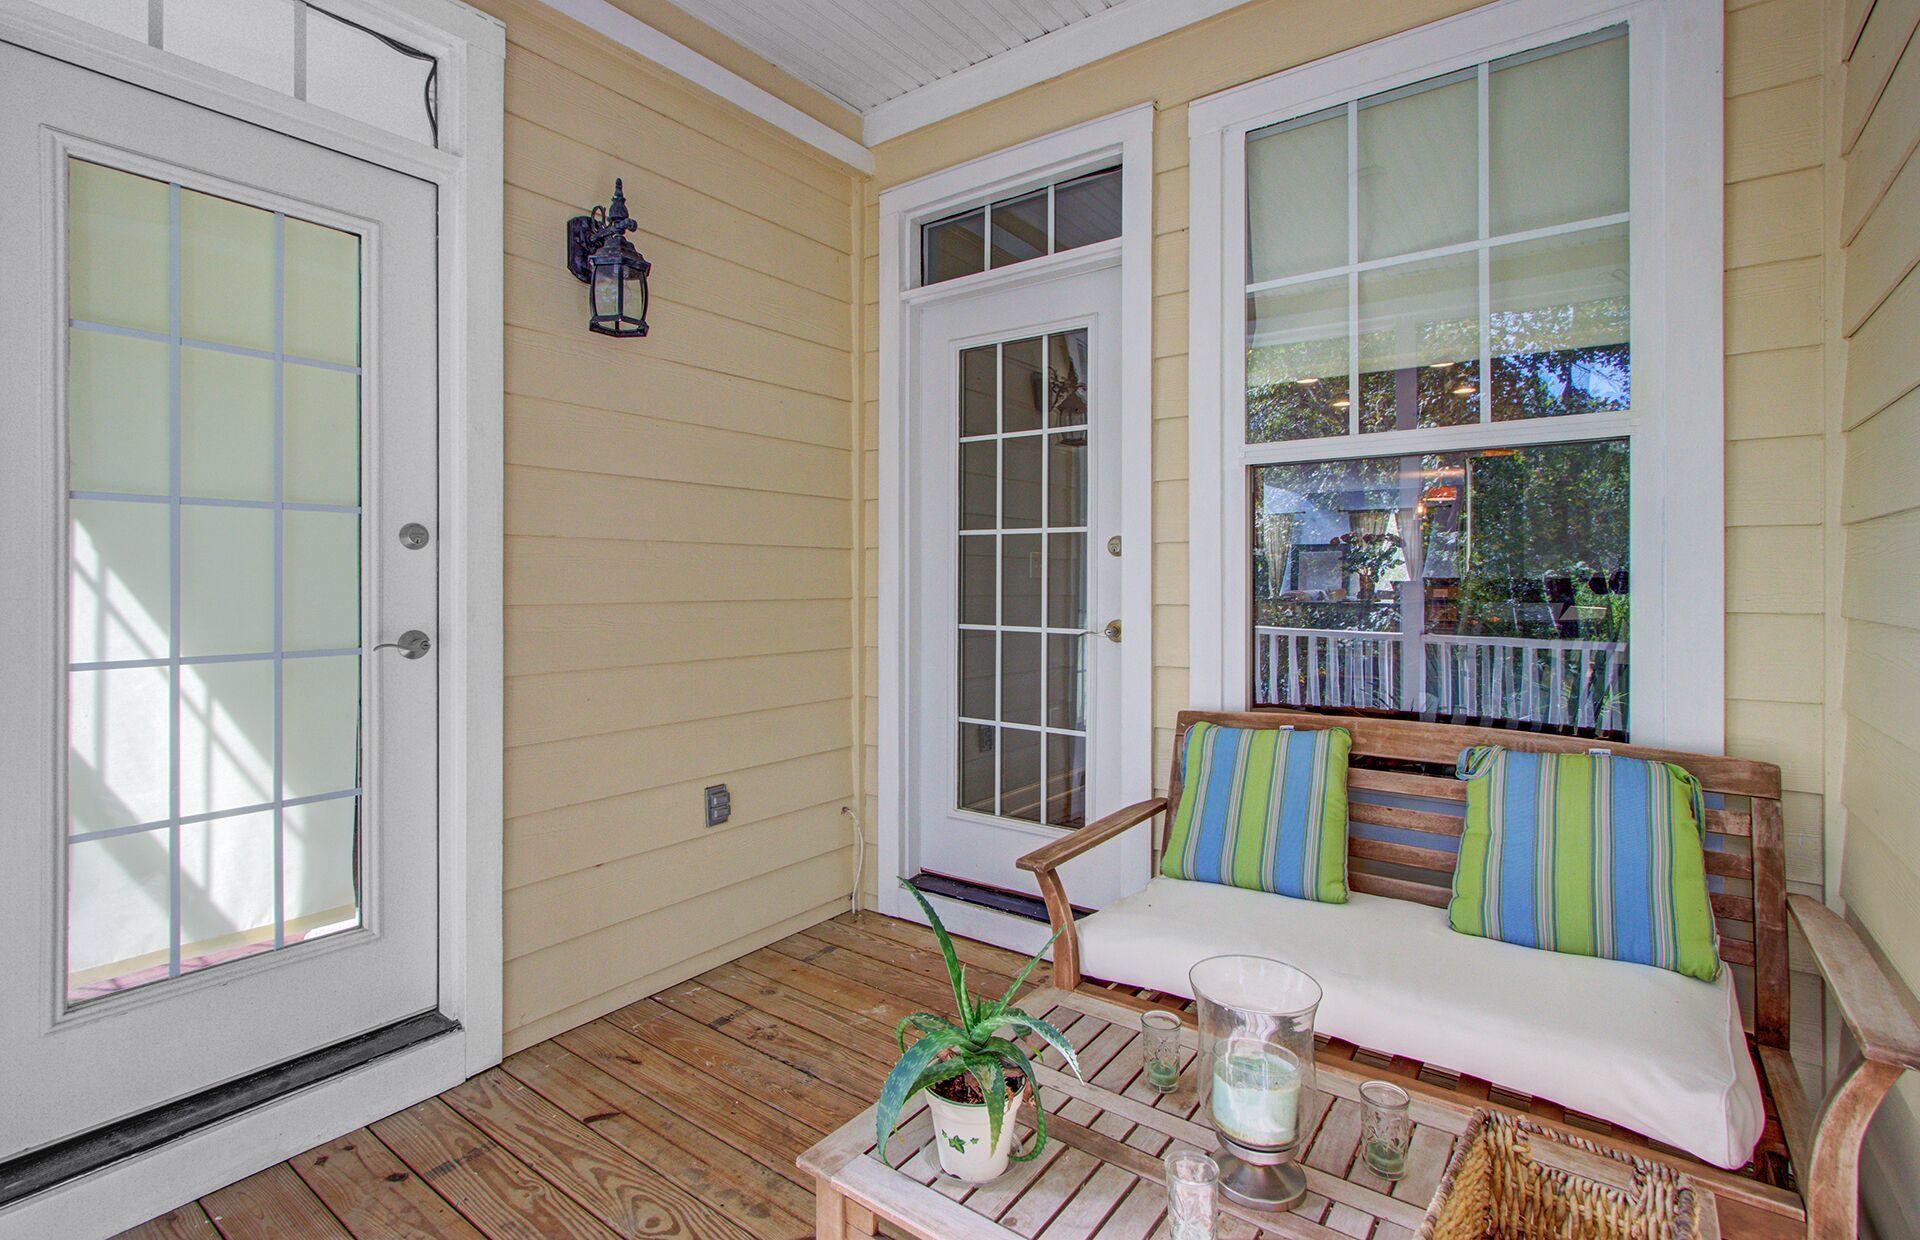 Dunes West Homes For Sale - 100 Fair Sailing, Mount Pleasant, SC - 28